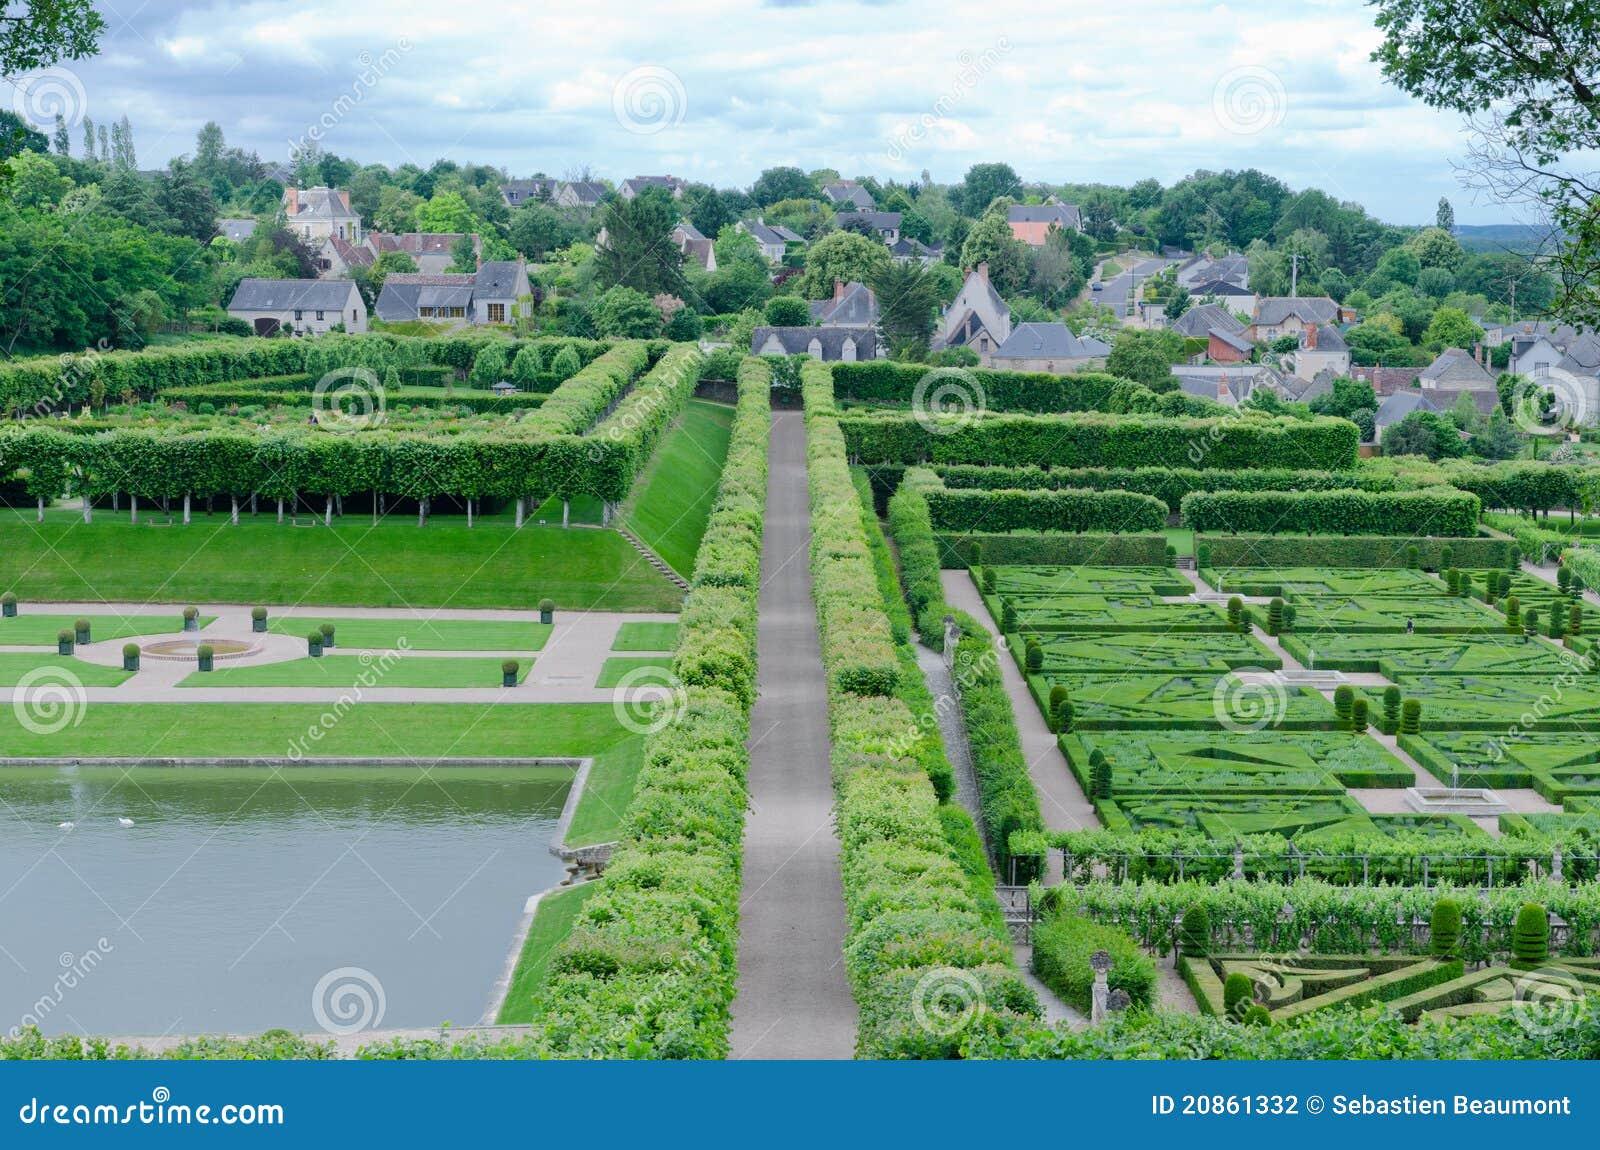 Jardins de villandry stock photography image 20861332 for Jardin villandry